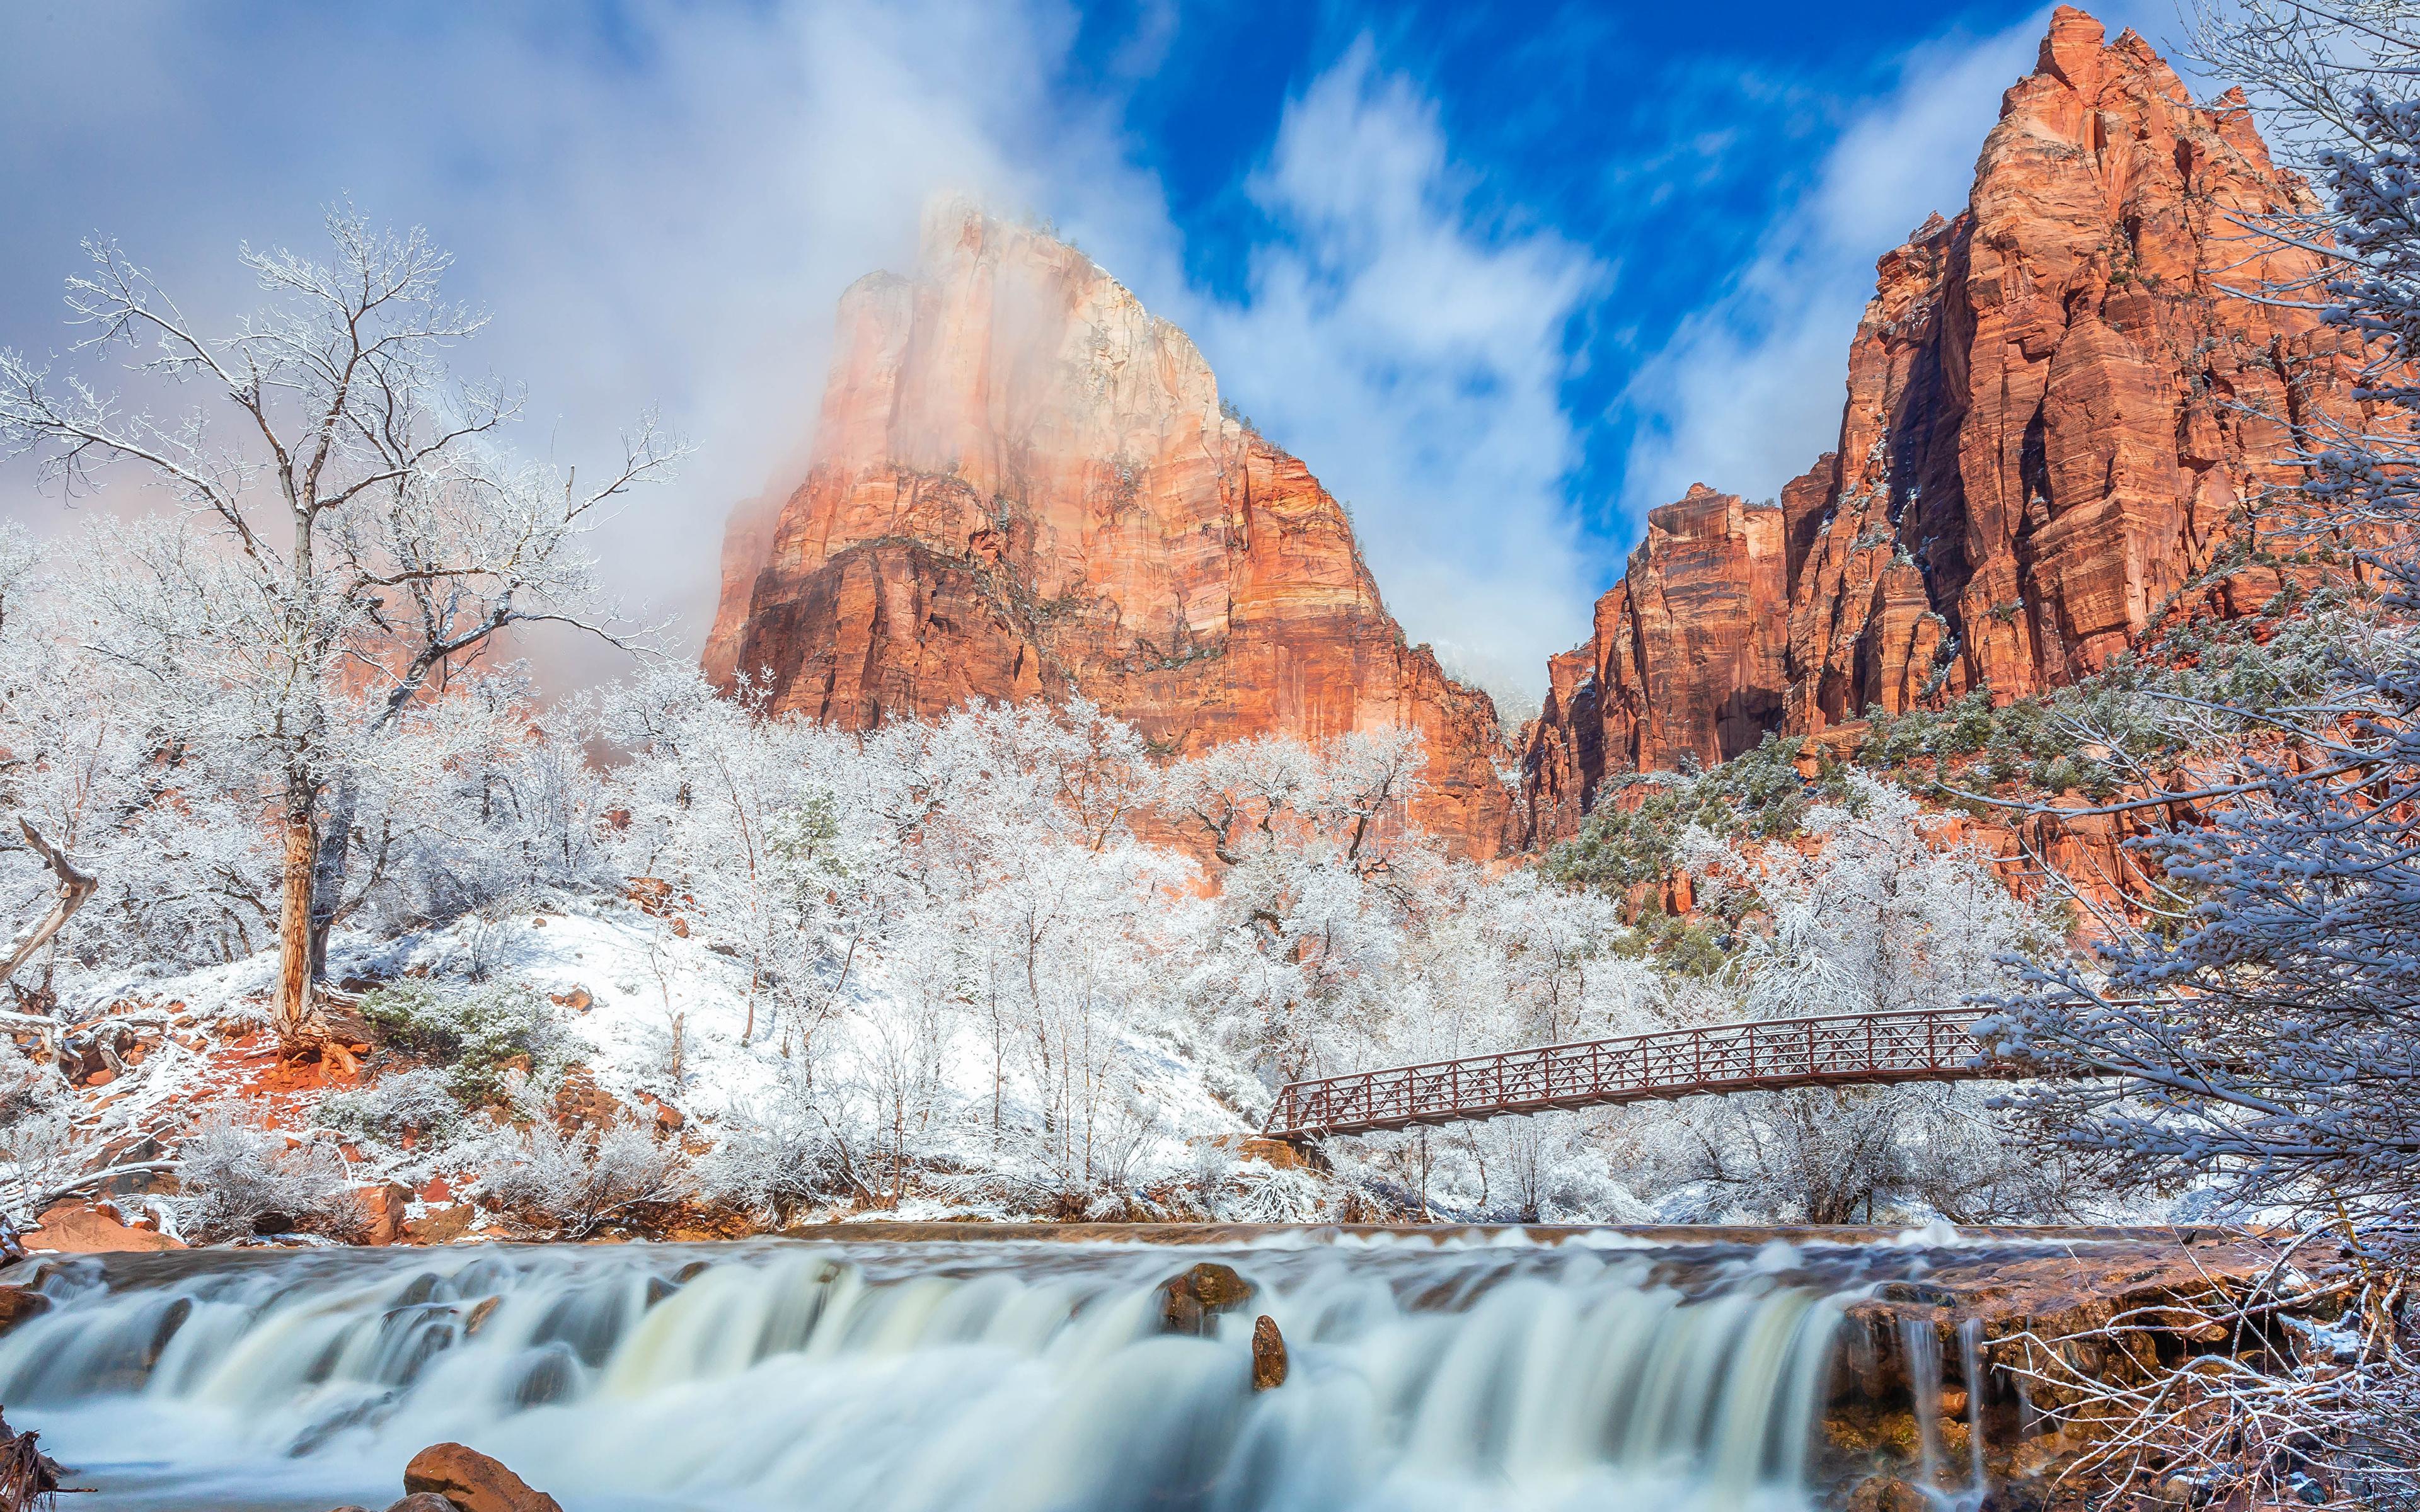 Фотографии Зайон национальнай парк США Горы Мосты зимние Природа Водопады парк 3840x2400 штаты америка мост Зима гора Парки